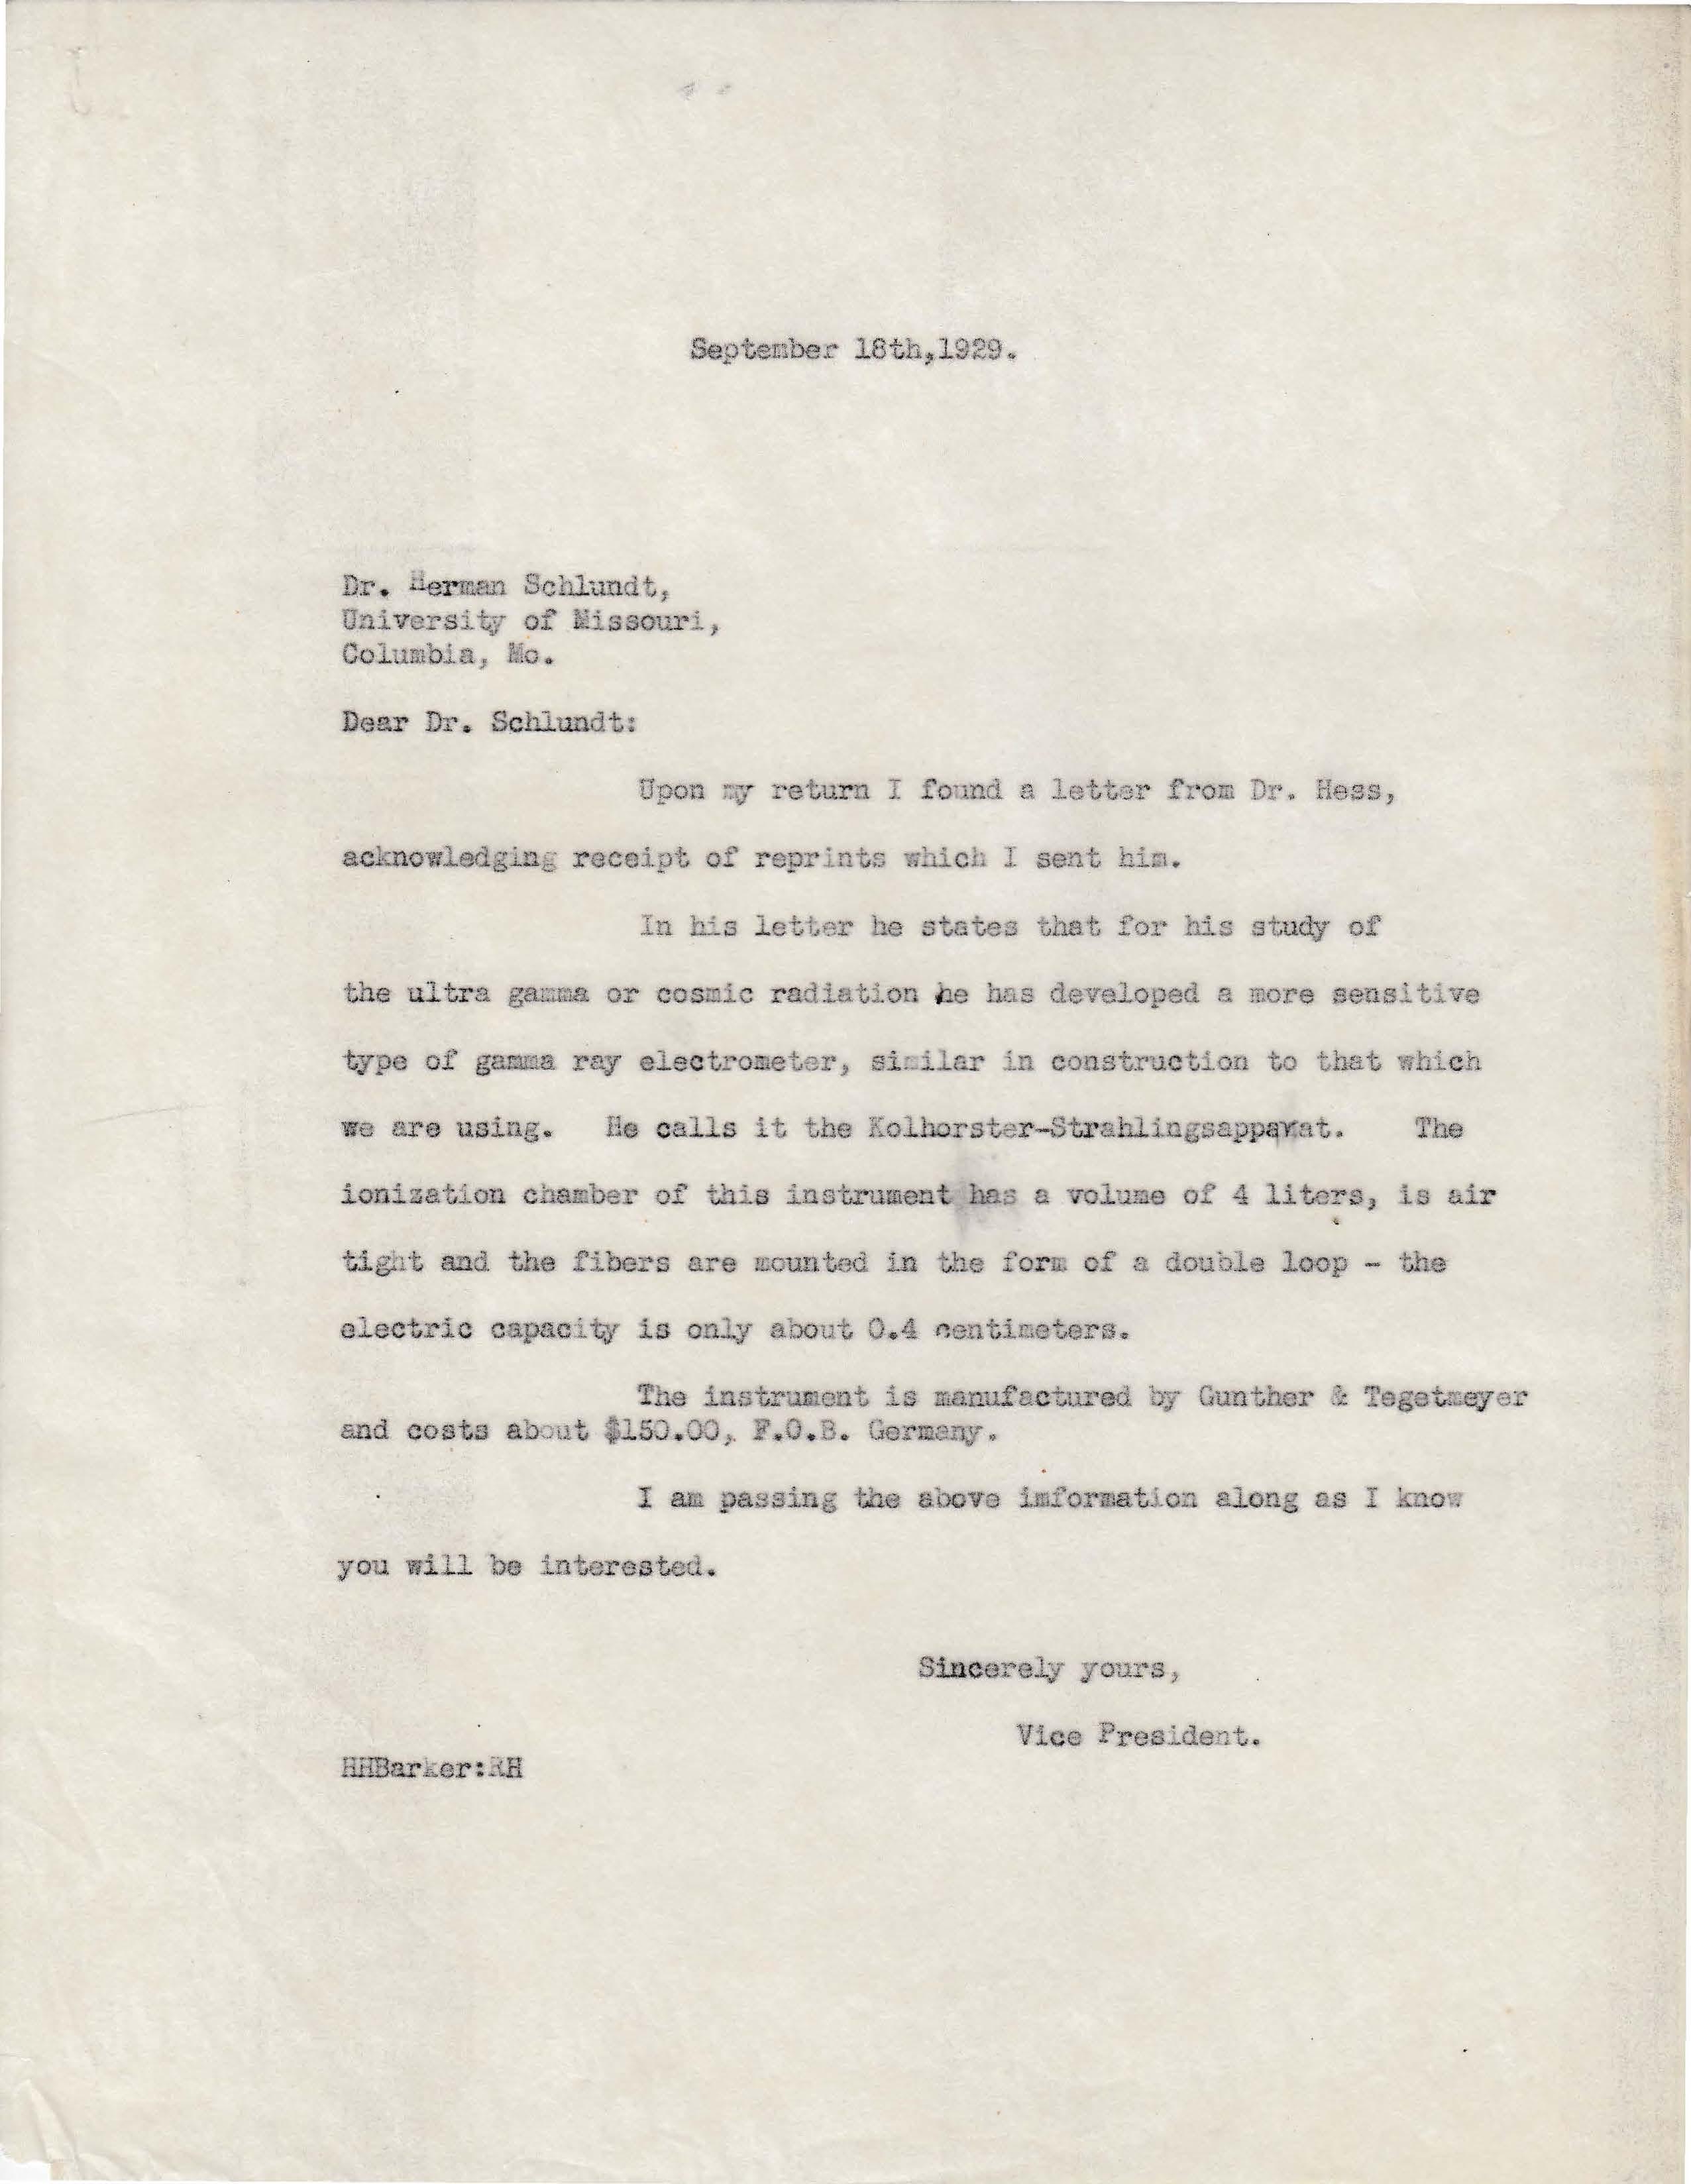 Letters Sent to Dr. Herman Schlundt, September 18, 1929